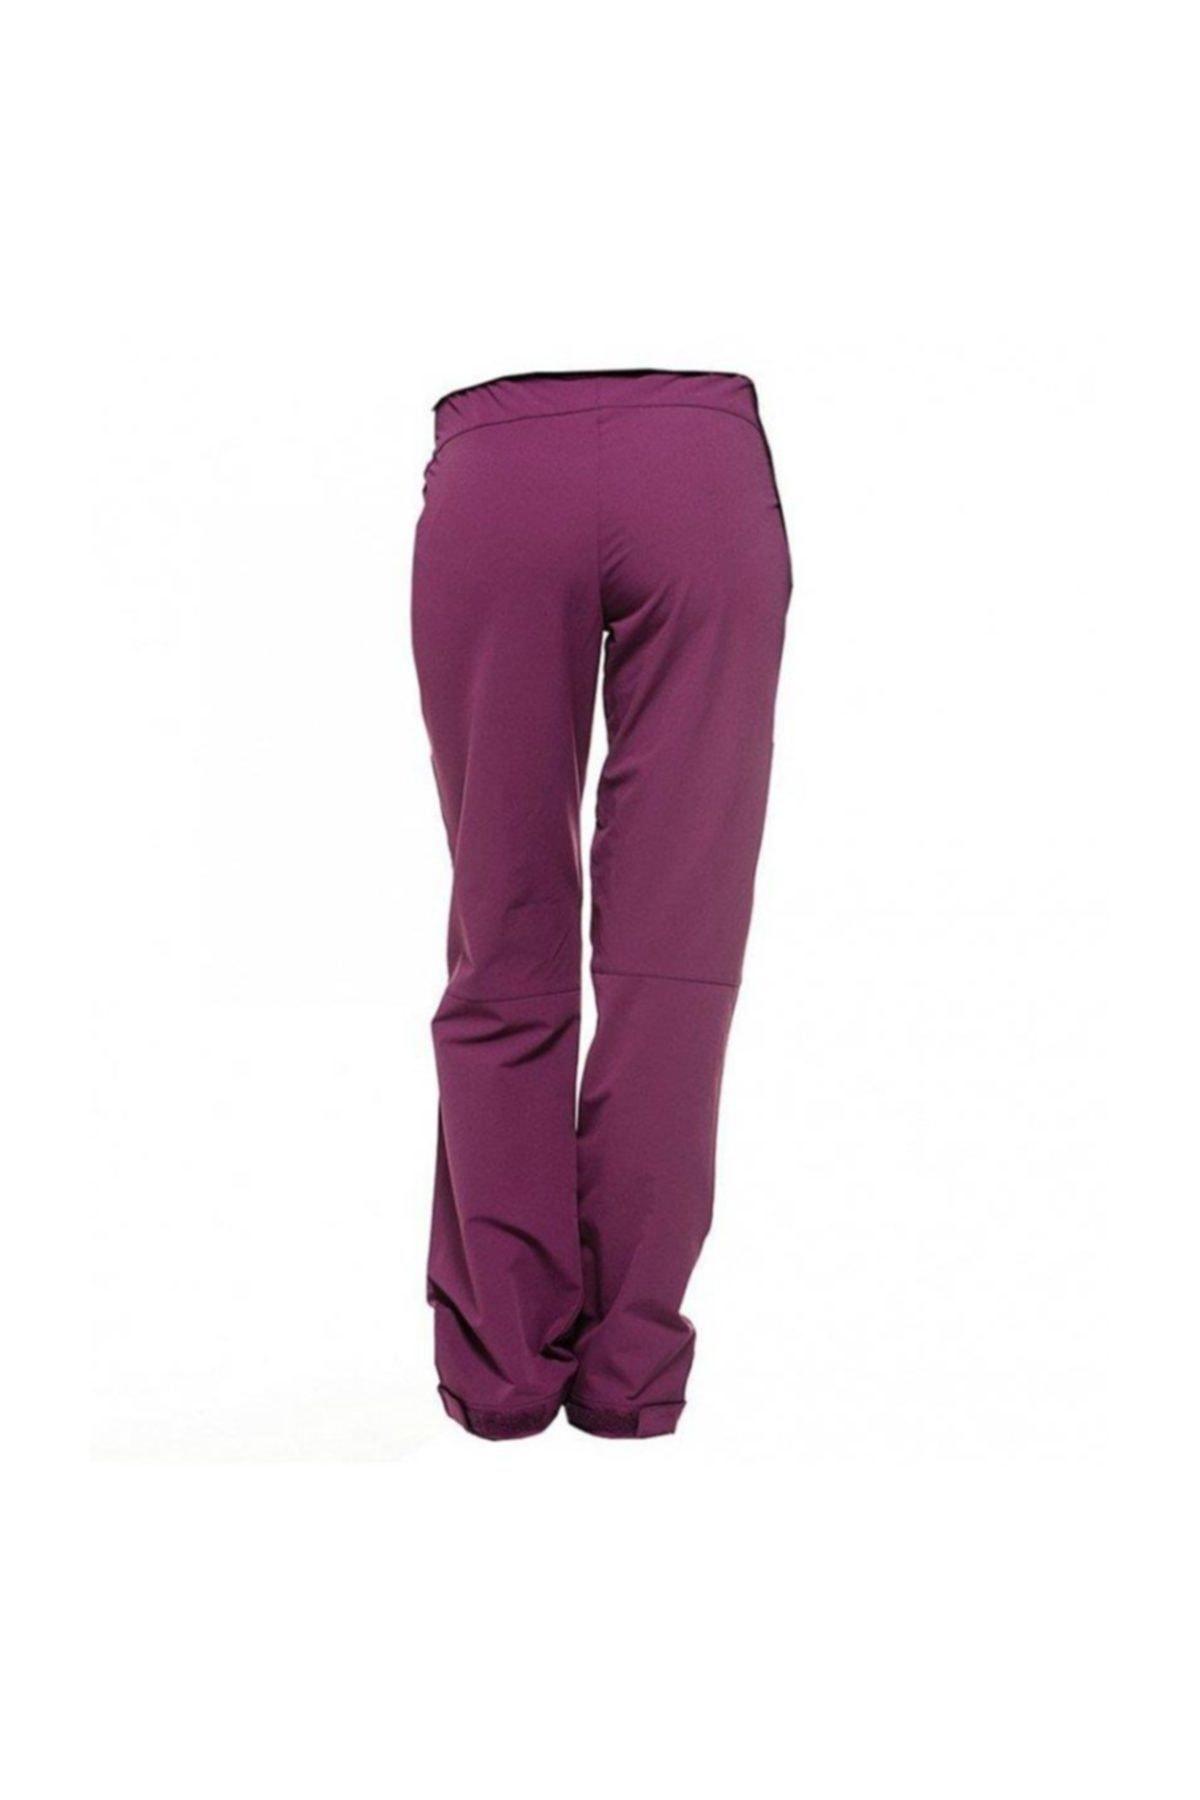 Jack Wolfskin Activate Pants Kadın Pantolon 2